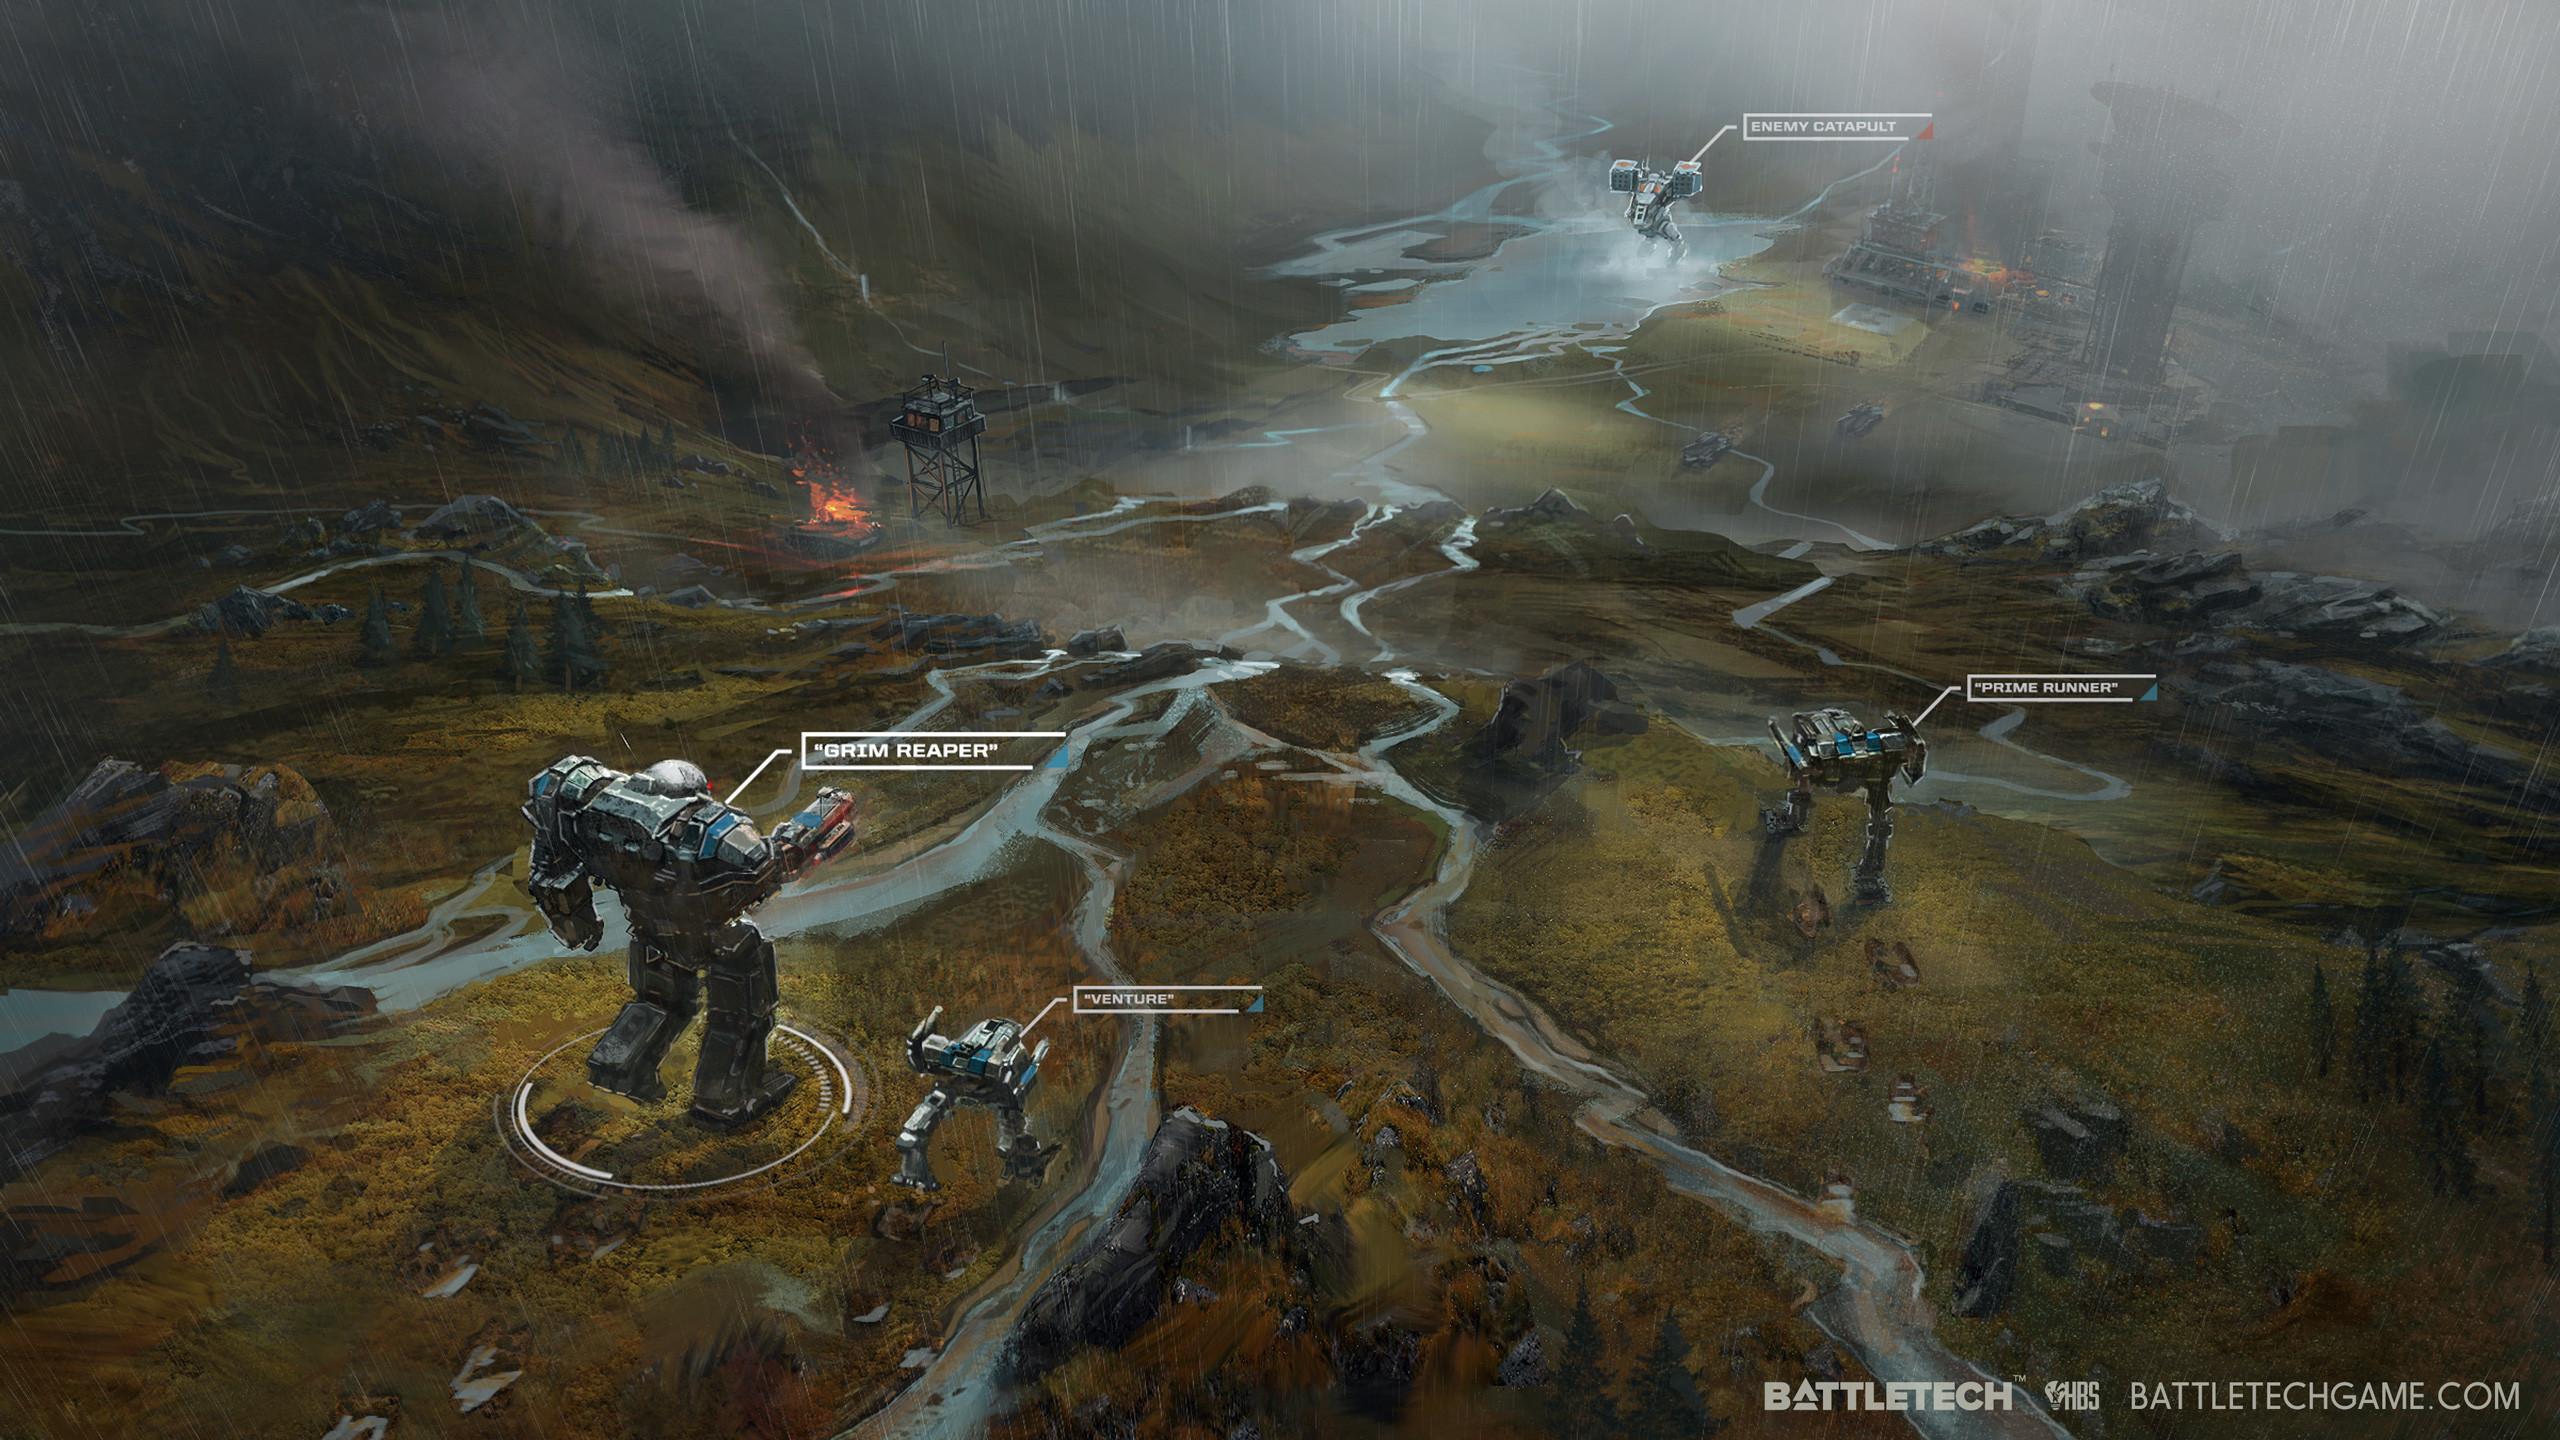 wallpaper.wiki-Battletech-Wallpaper-PIC-WPB0015589